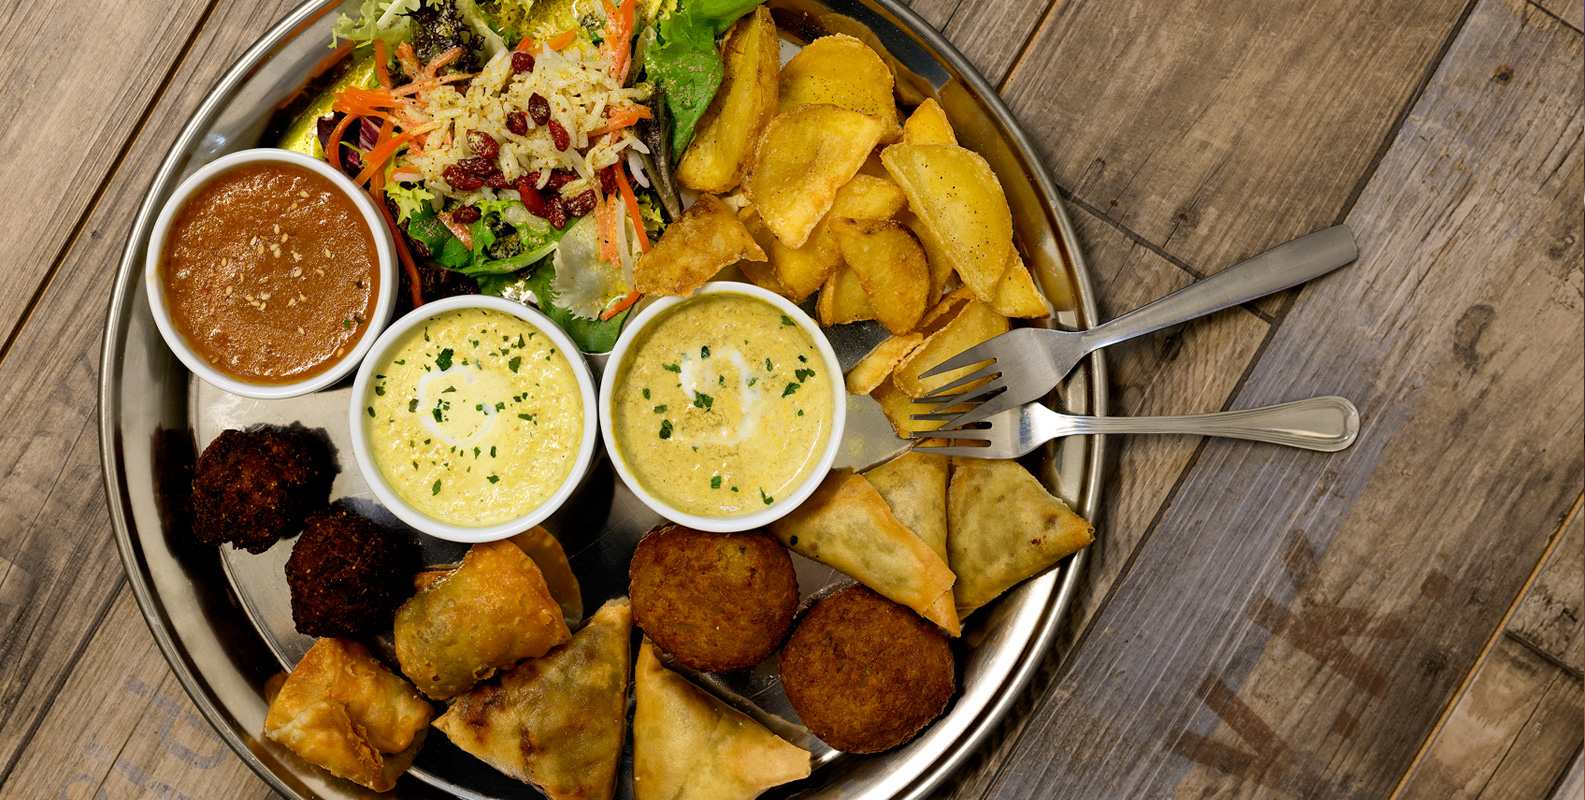 Restaurantes Café del Tíbet. Zurita 4 y Gómez Laguna 22, Zaragoza. Deliciosa cocina nepalí, tibetana e hindú con bases mediterráneas.